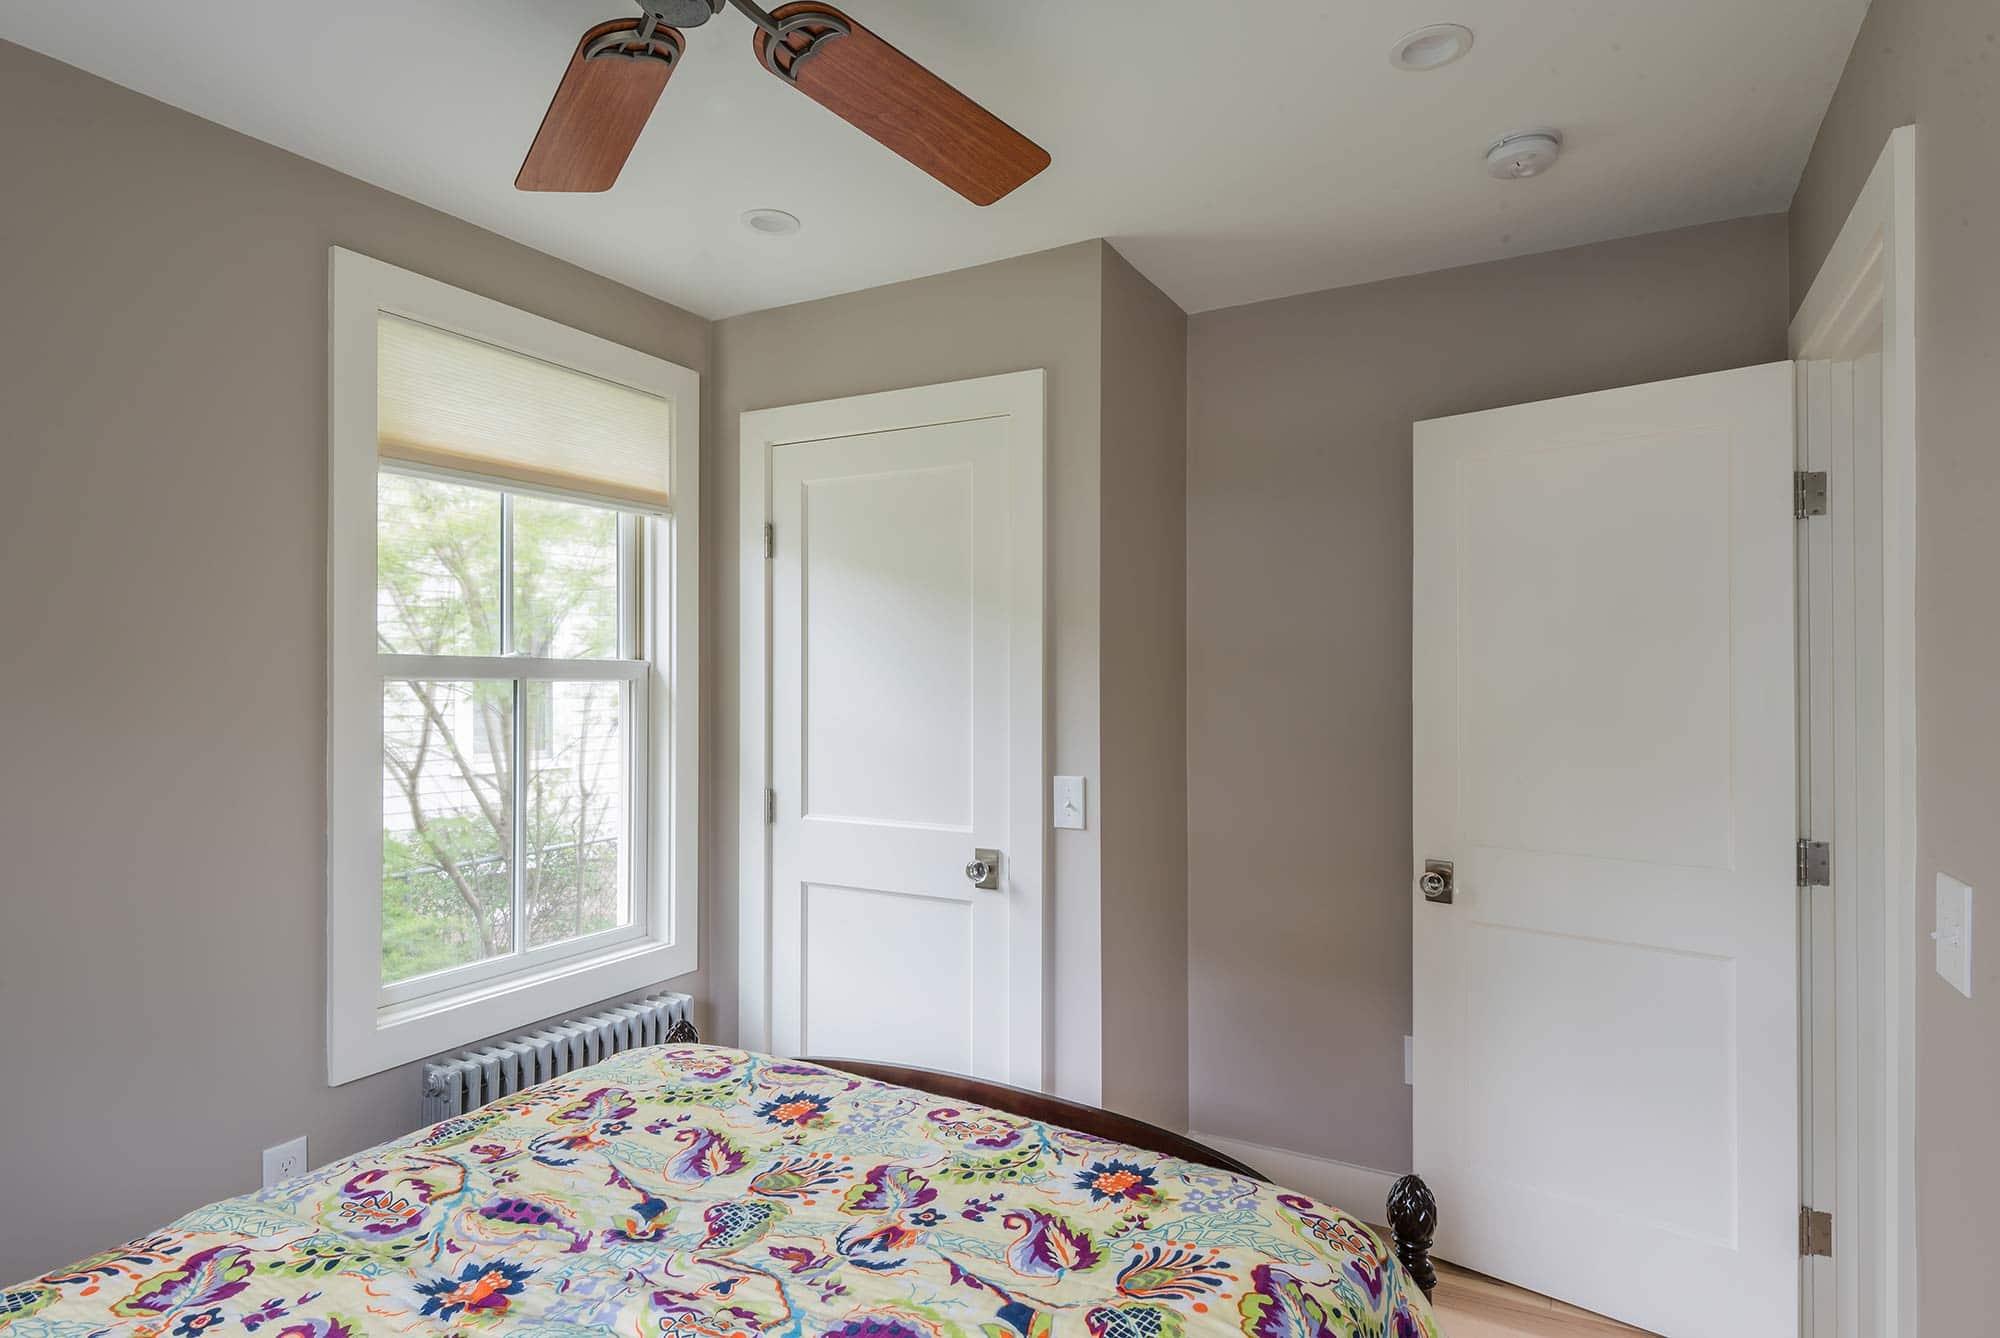 Bungalow Remodel Bedroom